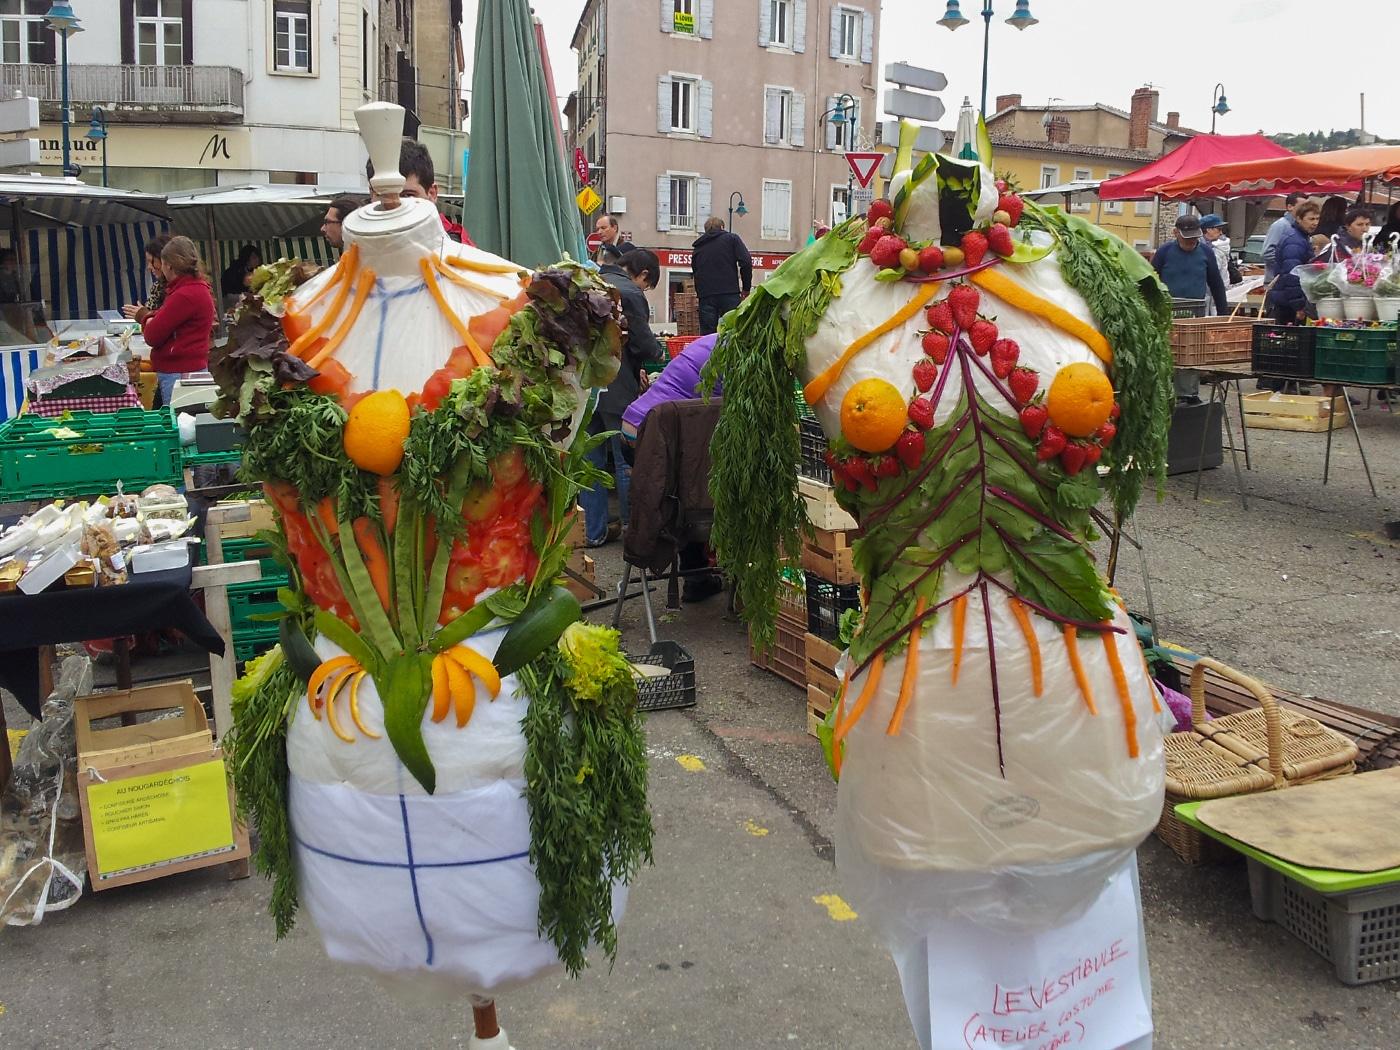 performance-costume-costumiere-en-public-couture-vegetale-legumes-marche-annonay